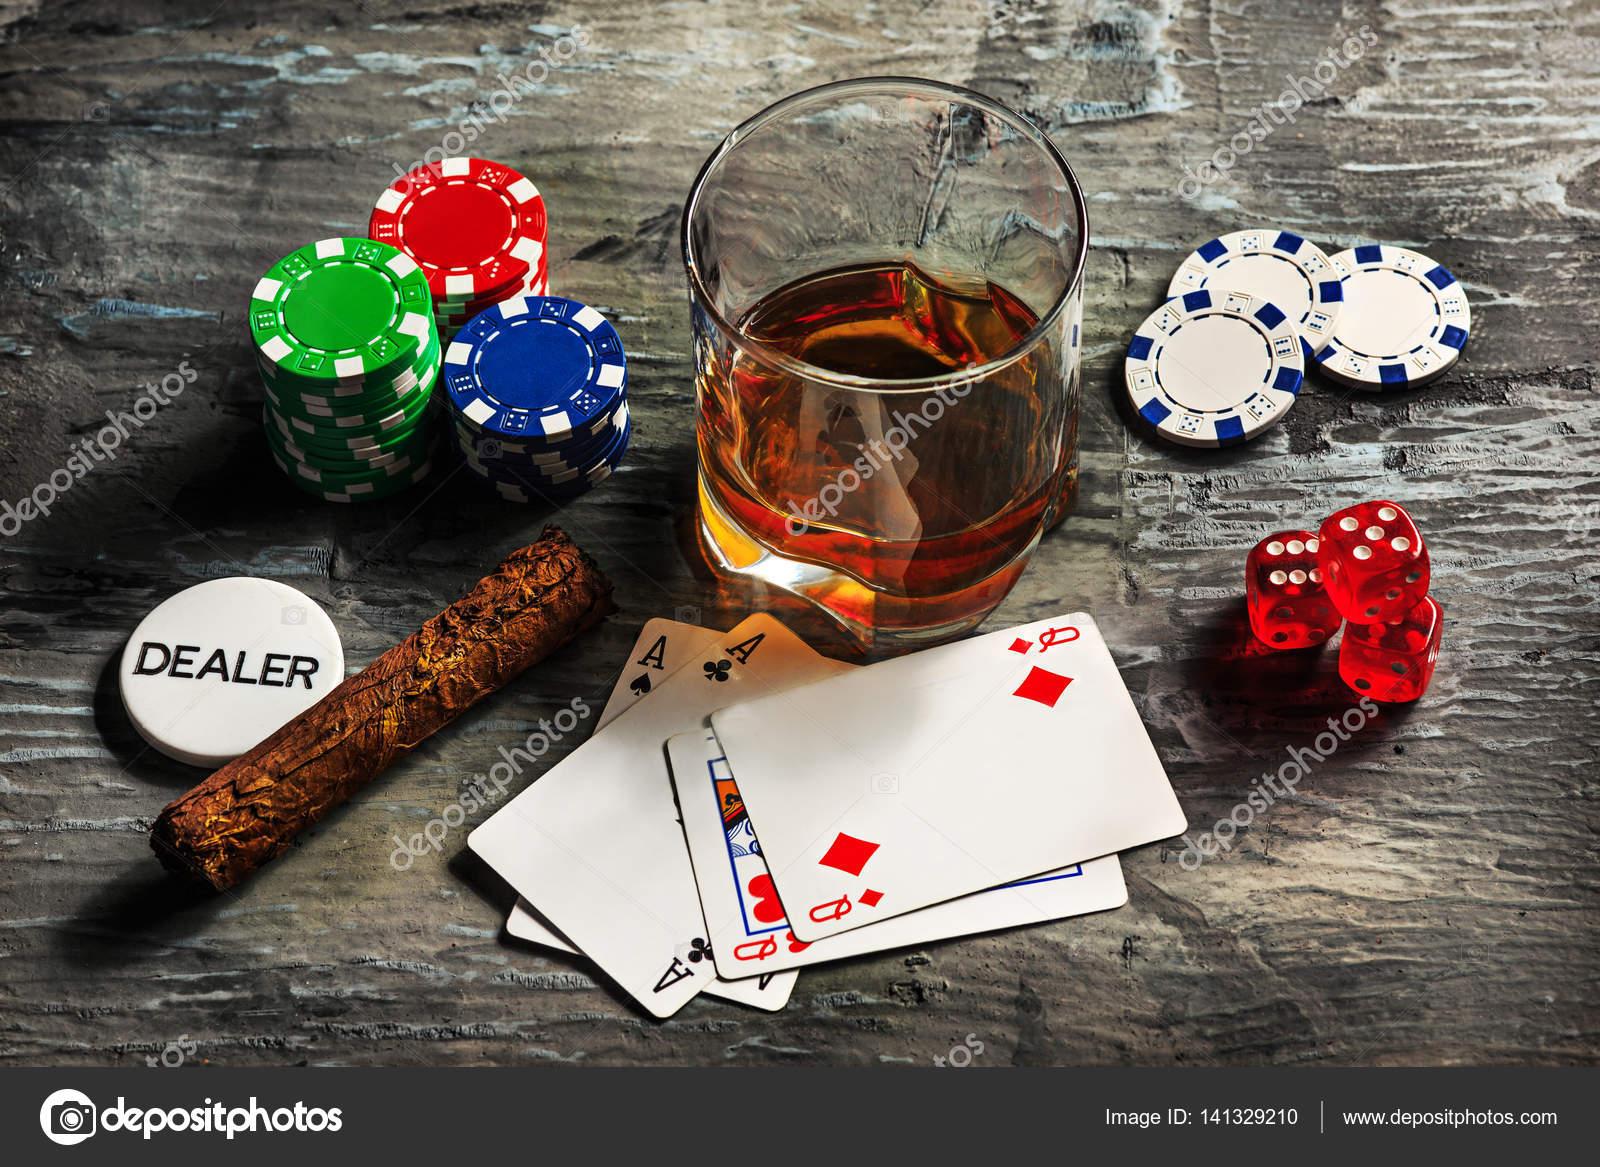 Imagenes Cartas Para Juegos Cigarro Chips Para Juegos Beber Y